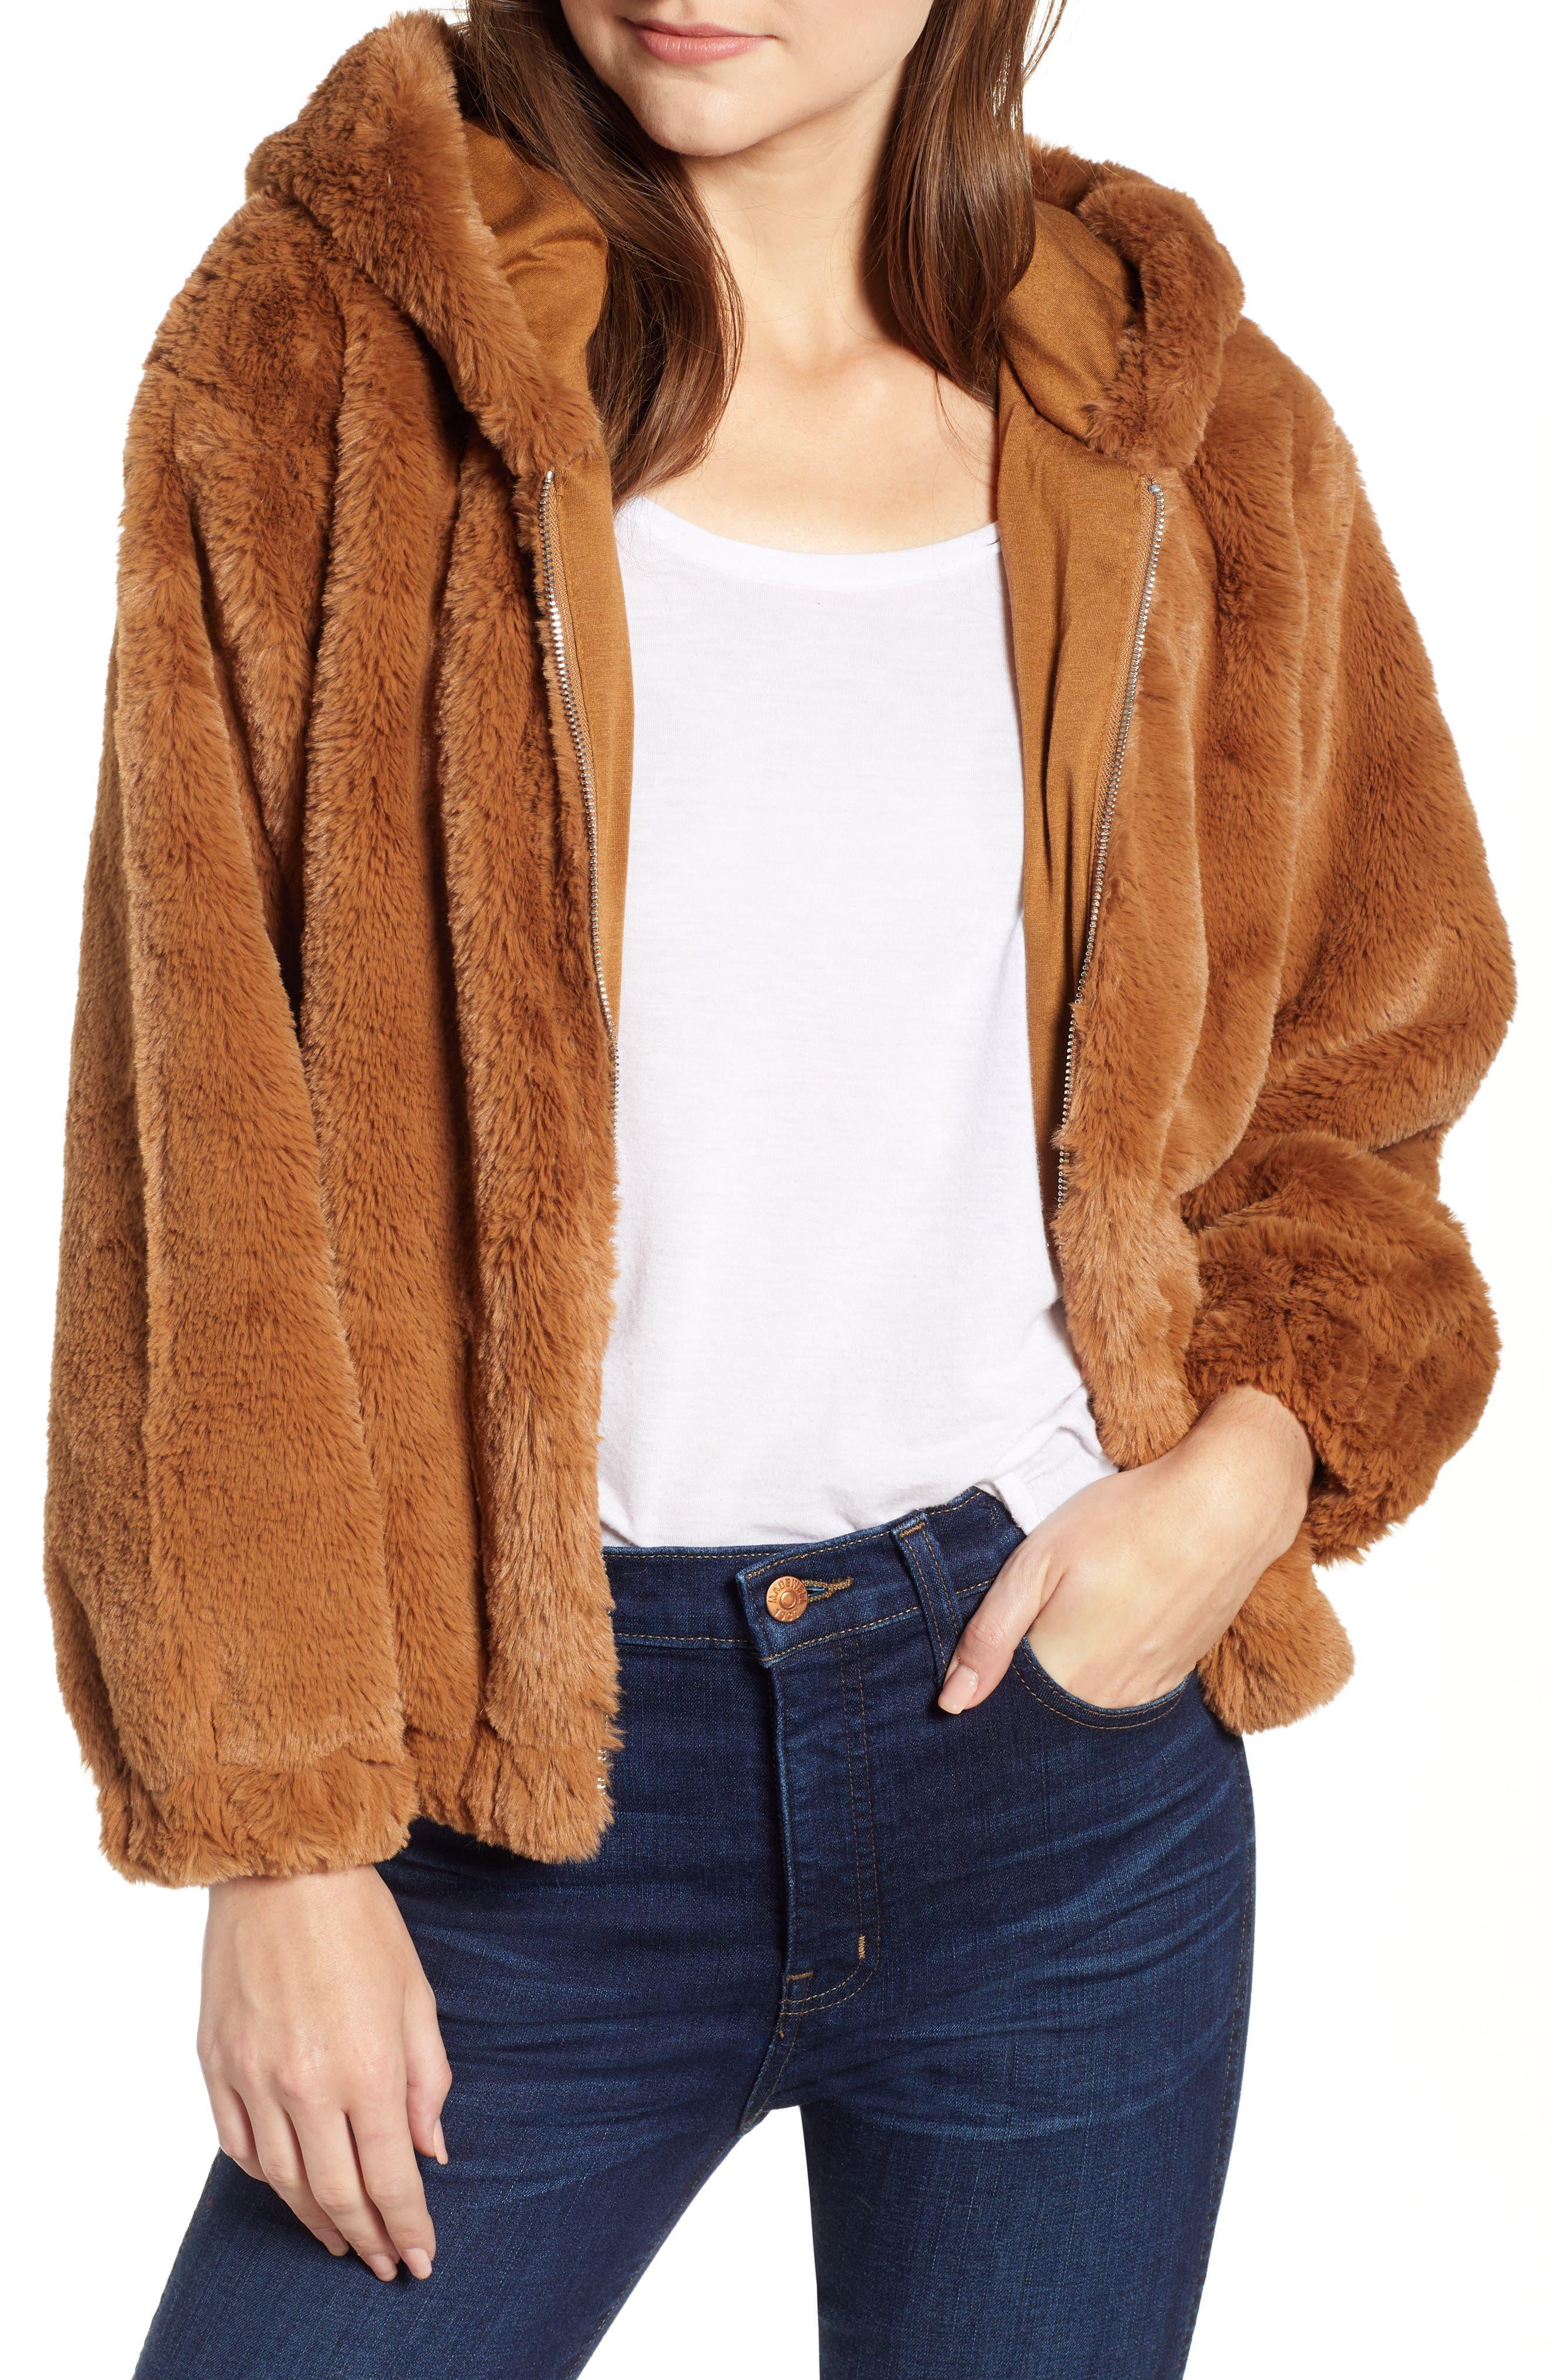 Arabella Faux Shearling Jacket,                             Main thumbnail 1, color,                             200